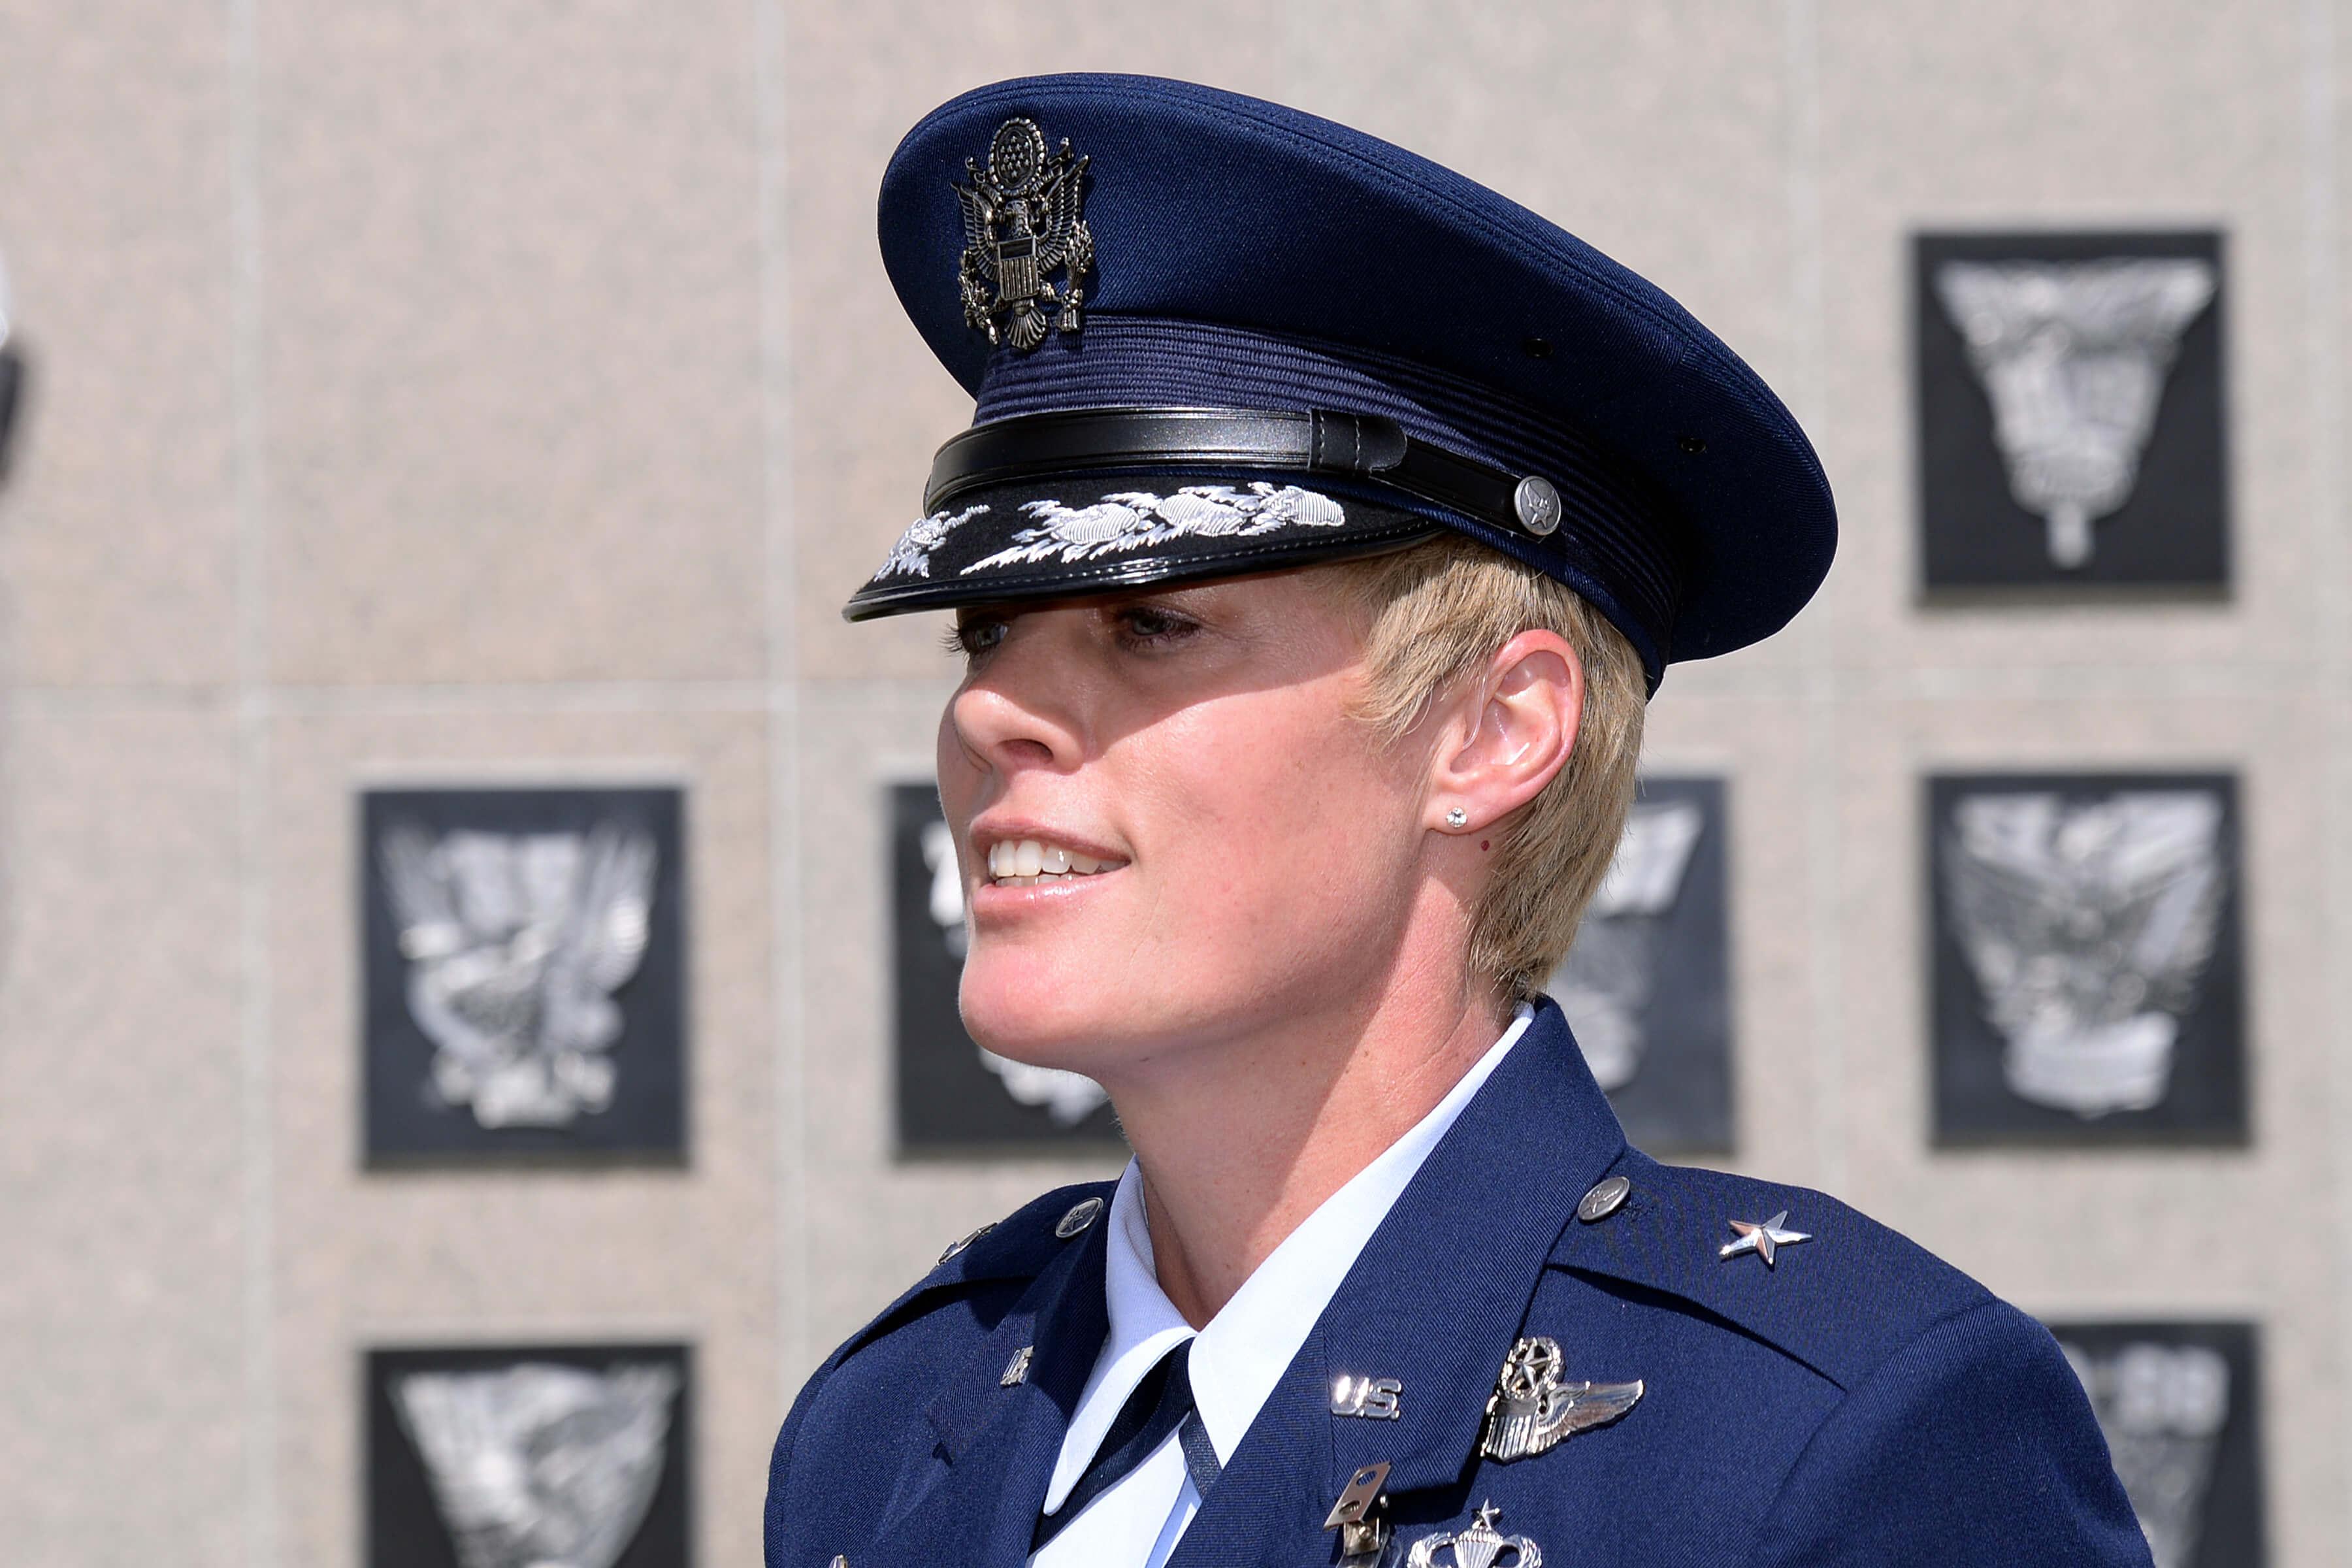 Brig Gen Goodwin - Assumption of Command